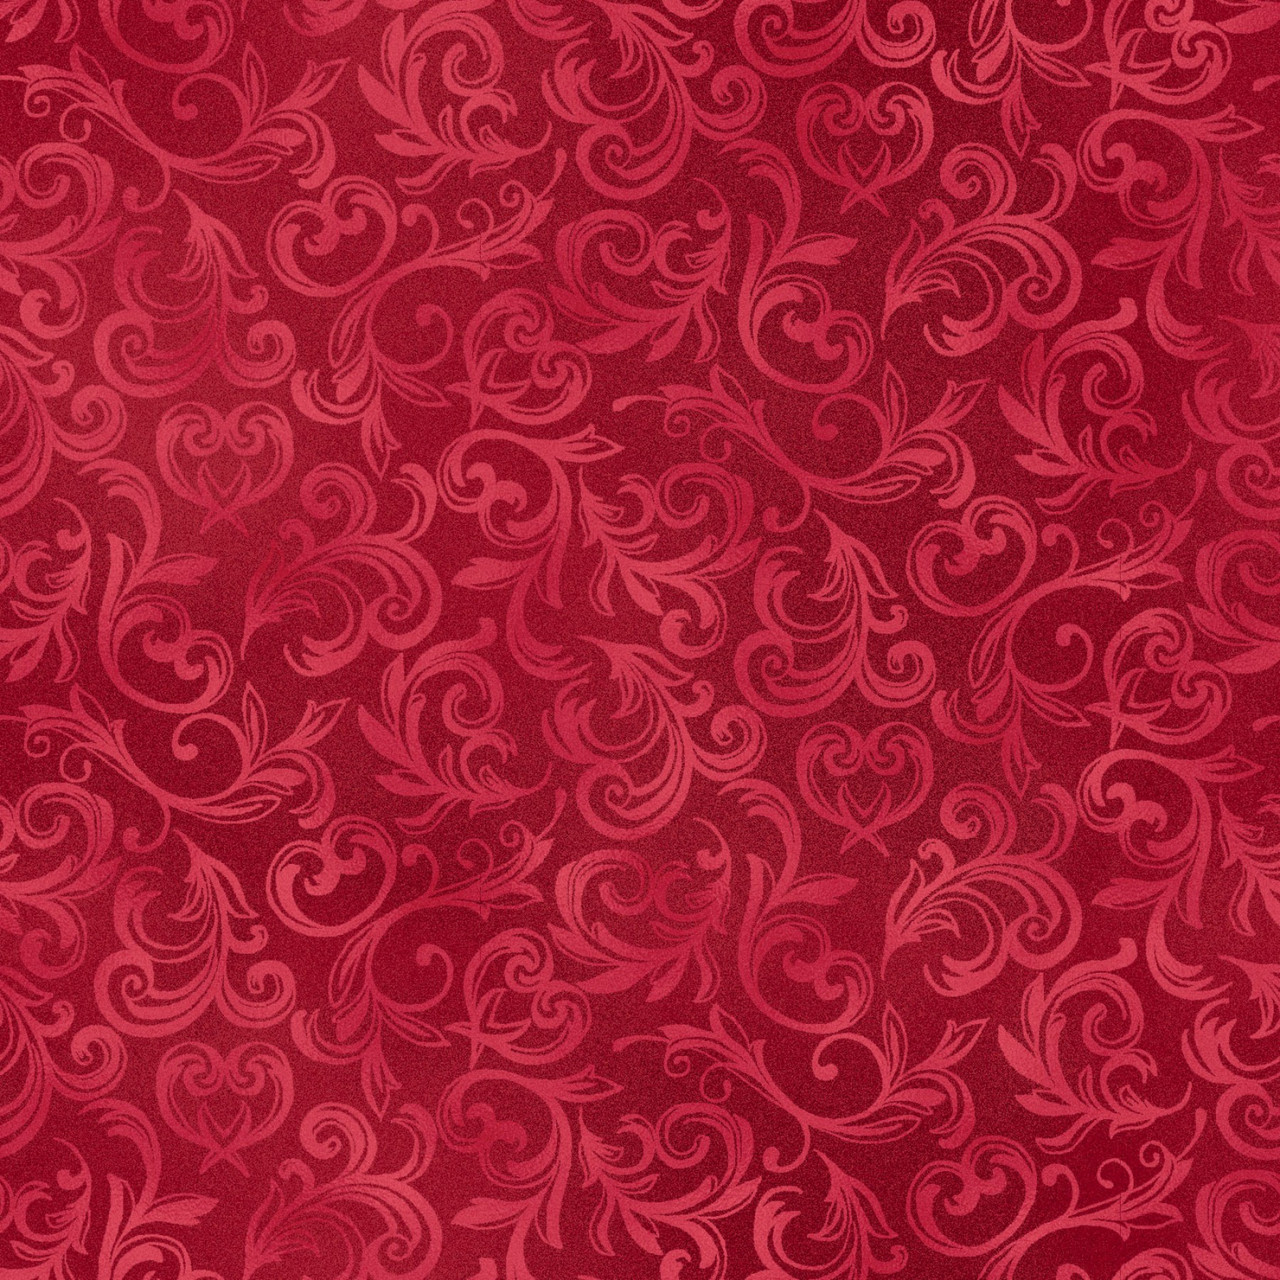 52009 Пышный узор. Ткань с красная. Ткани для декора и рукоделия.